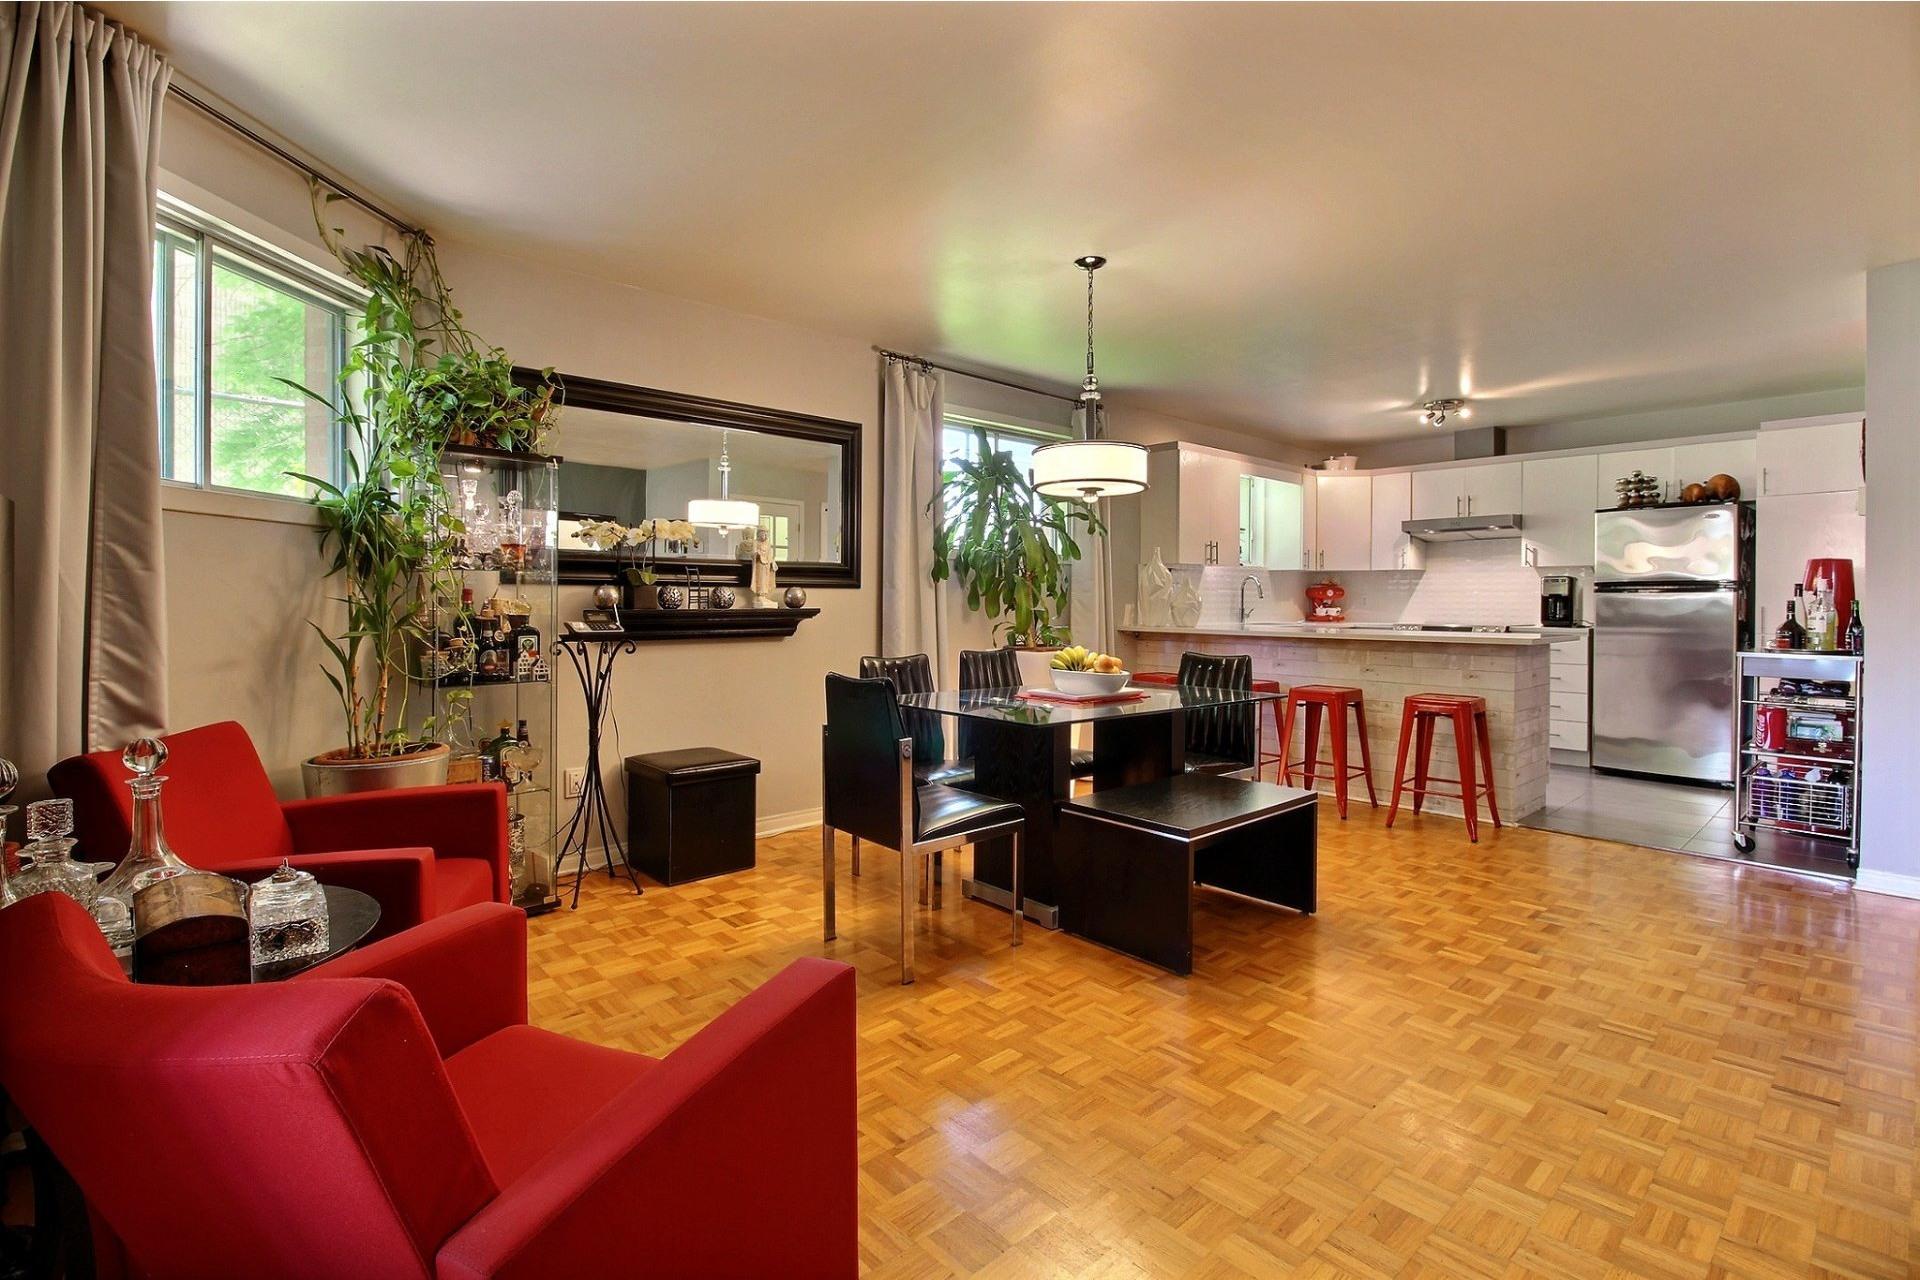 image 2 - Appartement À vendre Montréal Rivière-des-Prairies/Pointe-aux-Trembles  - 5 pièces